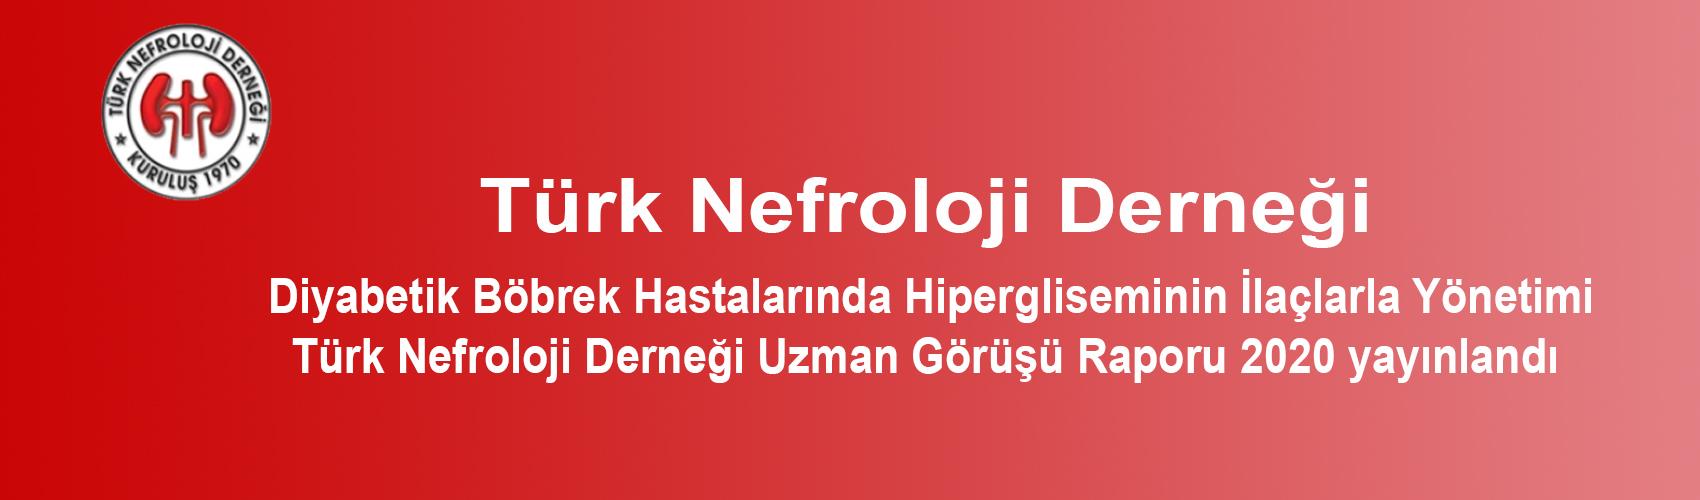 Türk Nefroloji Derneği Slide: Diyabetik Böbrek Hastalarında Hipergliseminin İlaçlarla Yönetimi – Türk Nefroloji Derneği Uzman Görüşü Raporu 2020